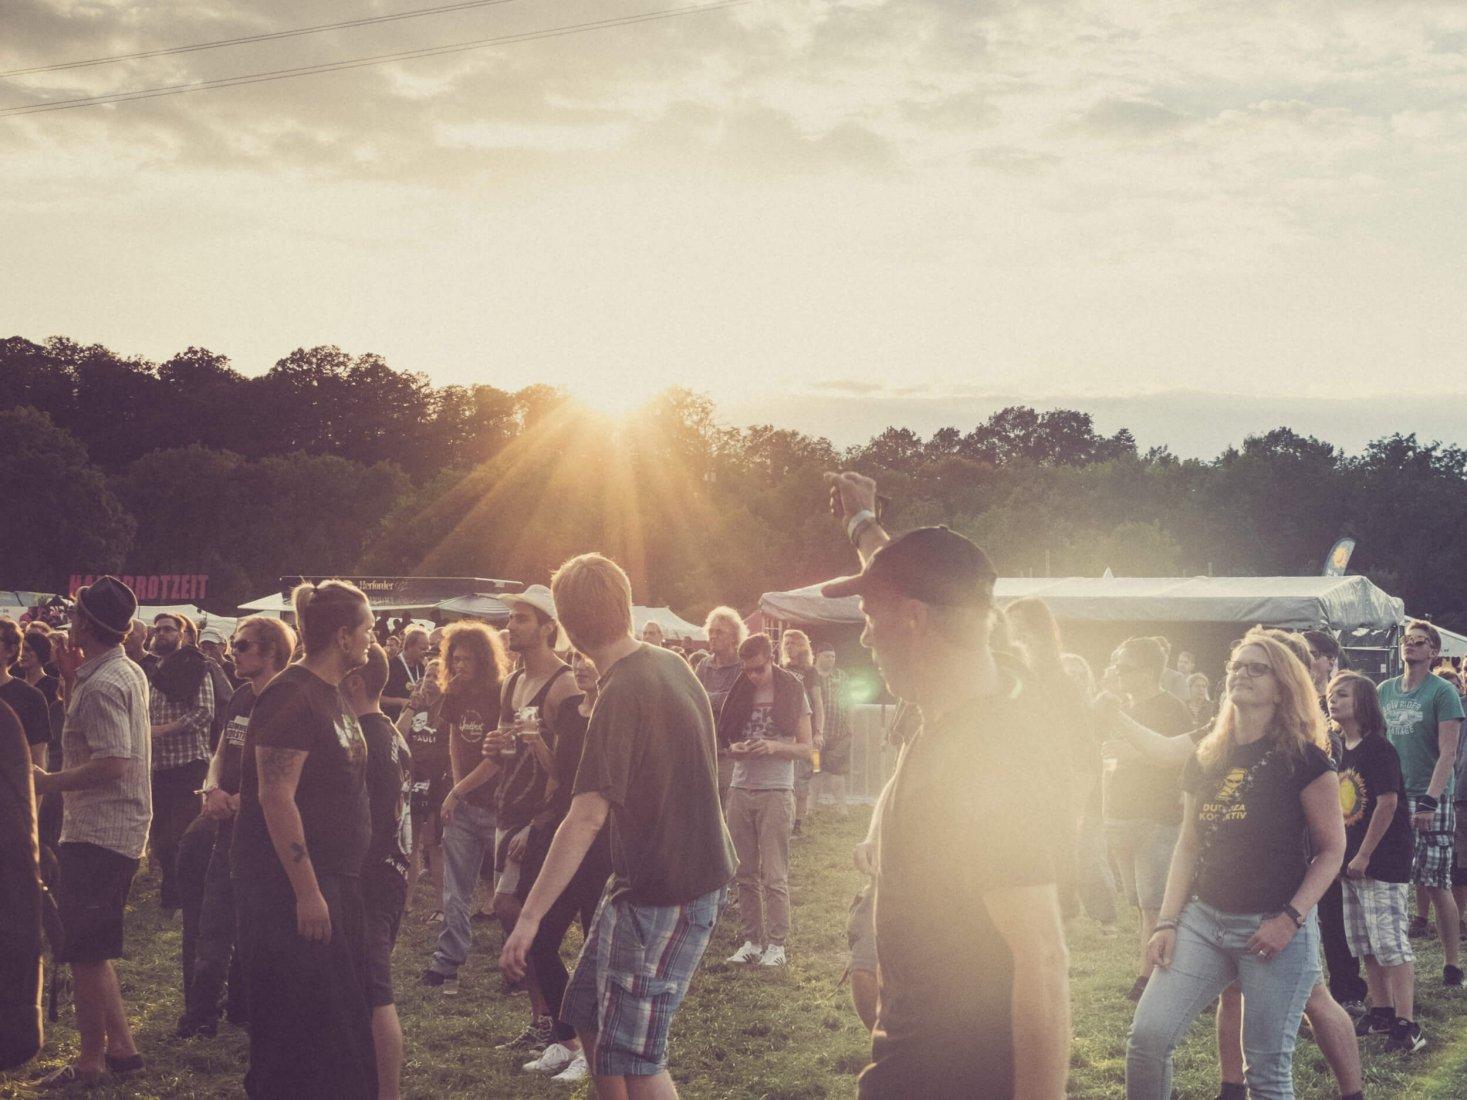 Impressionen vom Umsonst & Draußen Festival in Veltheim